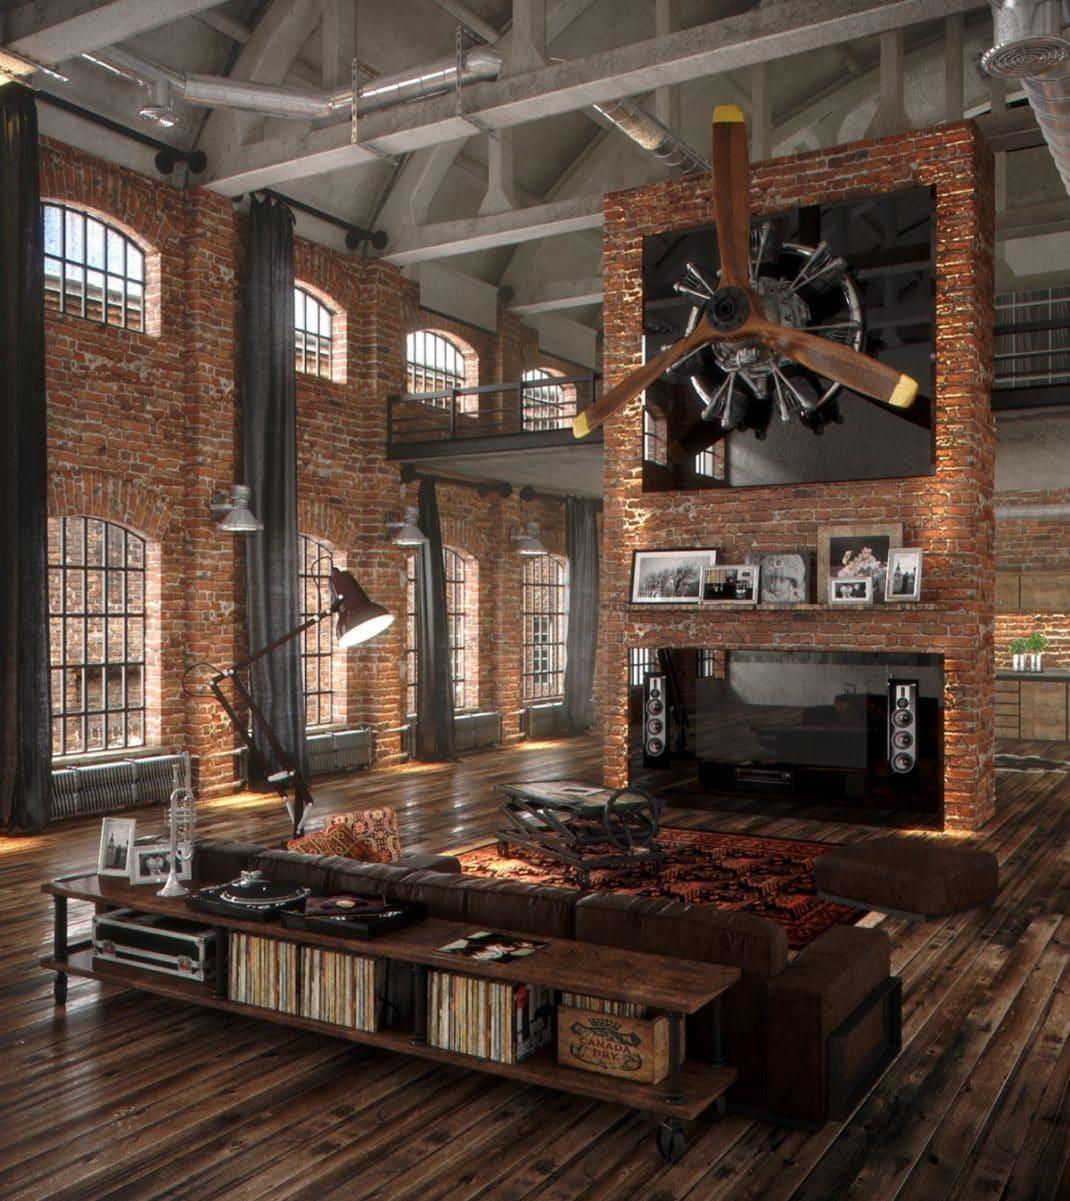 Les Murs De Briques Ont Vraiment Une Place Centrale Dans Ce Loft. Un Peu  Défraîchis, Ils Contrastent Parfaitement Avec Le Plafond Voûté Blanc.